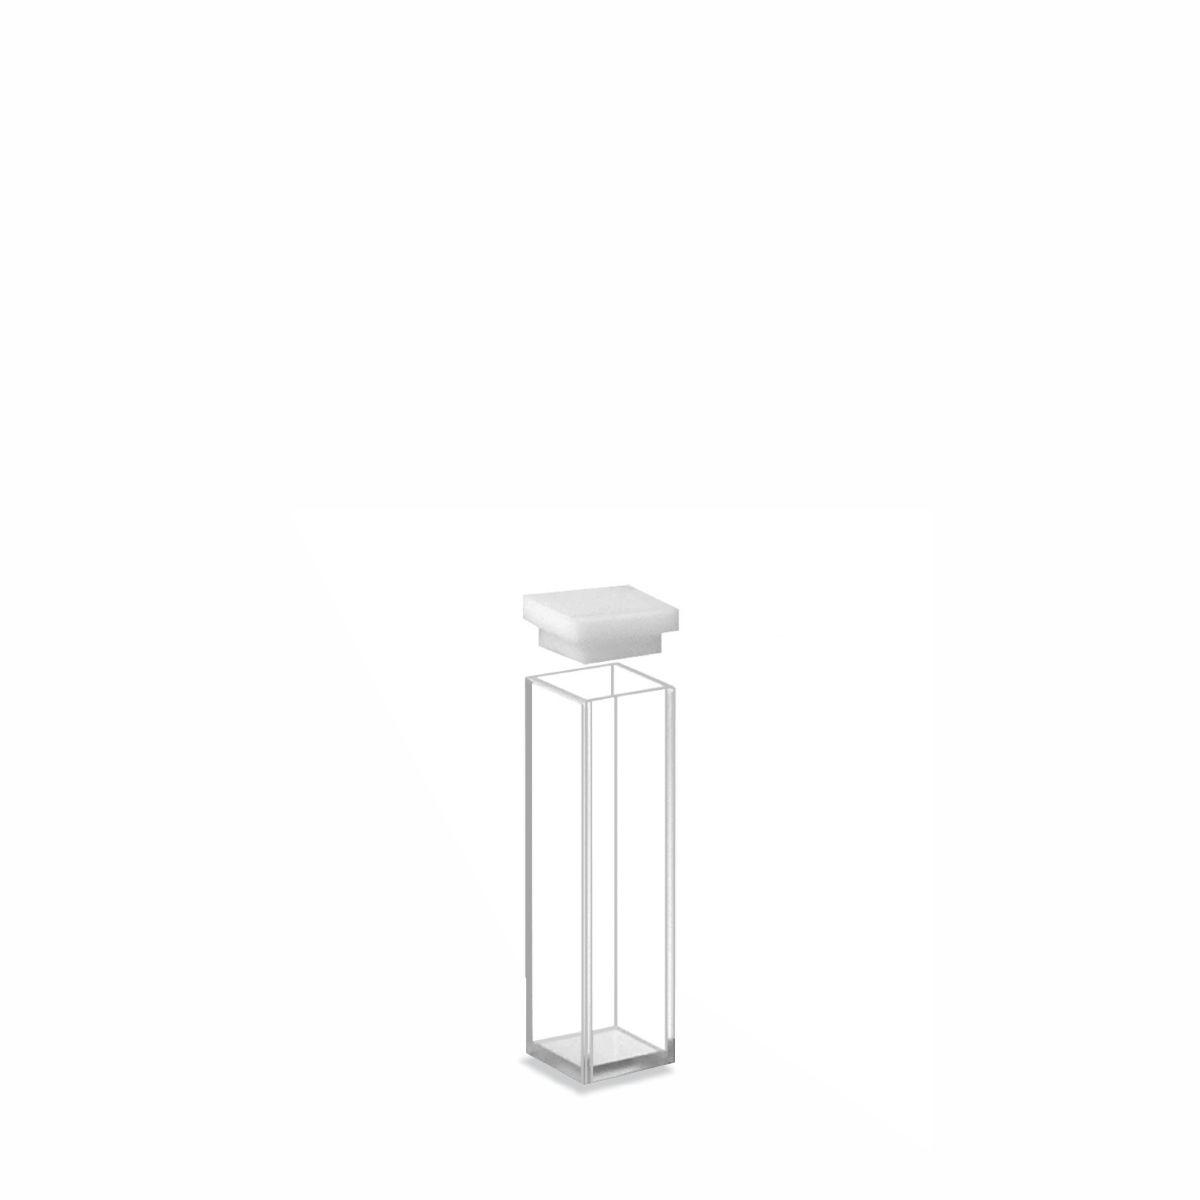 Cubeta em Quartzo com Duas Faces Polidas Passo 10 mm Volume 3,5 mL